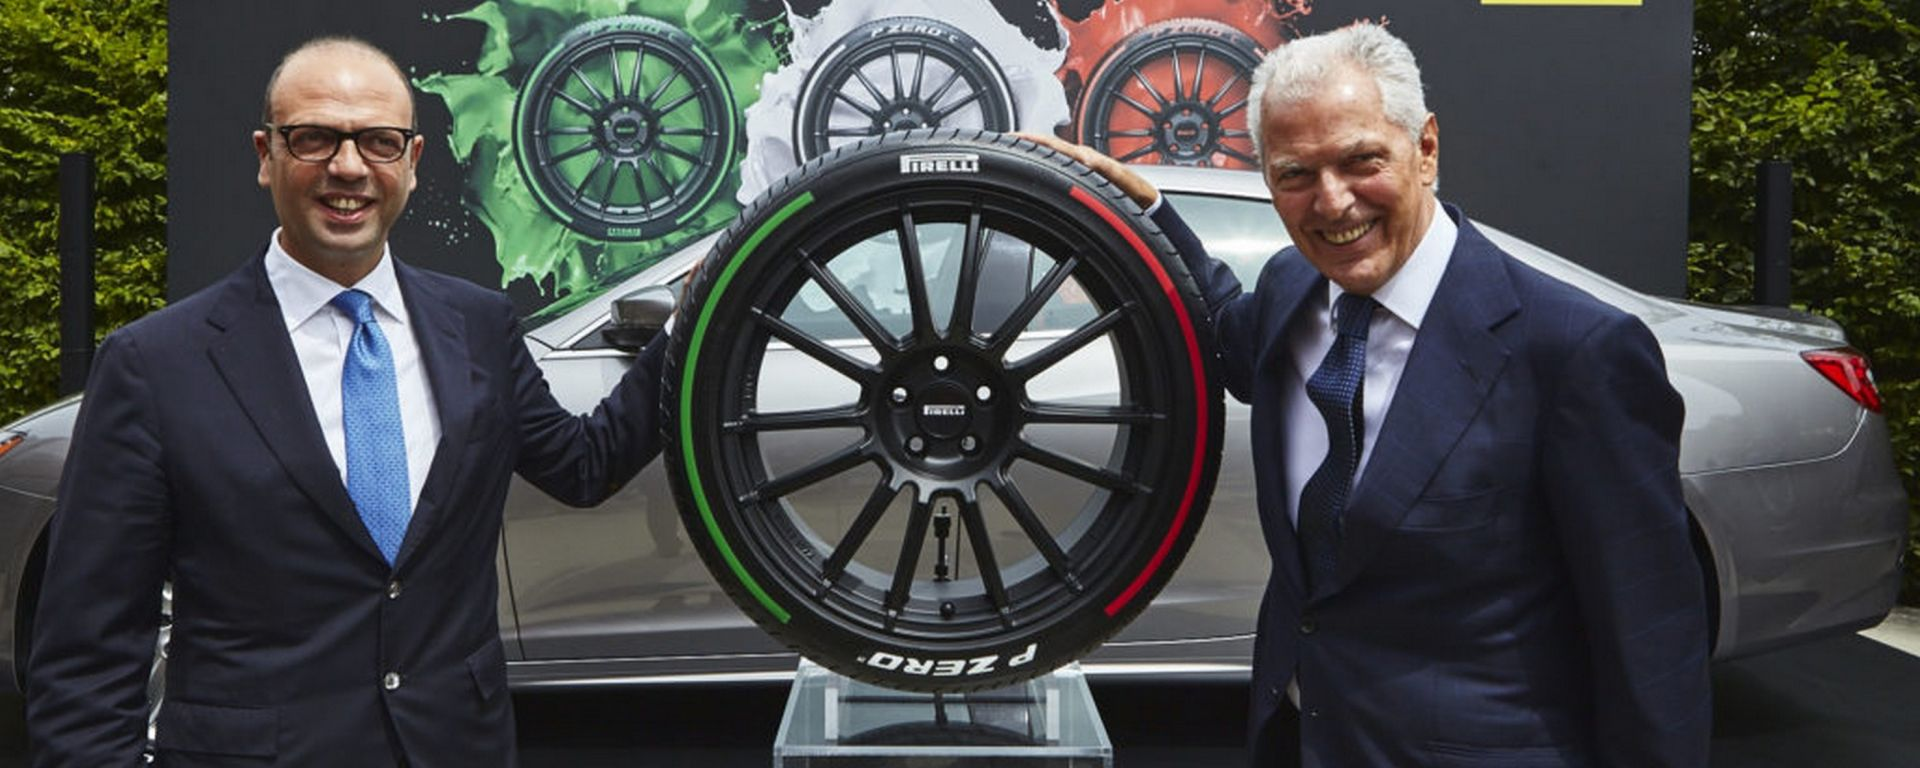 Pirelli Tricolore: le gomme per i diplomatici italiani